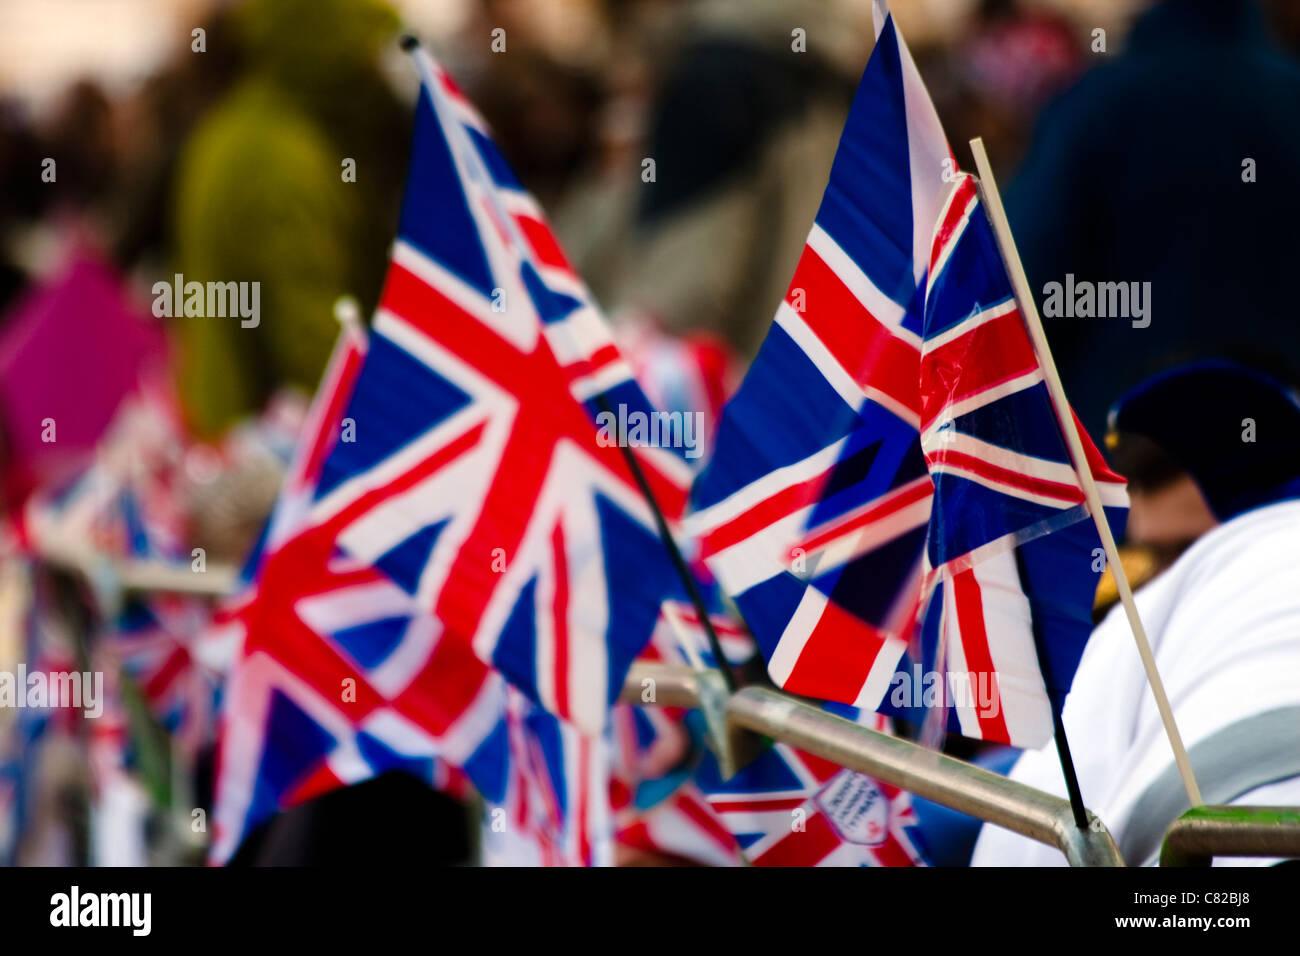 Union Jack Flags - Royal Wedding - UK - Stock Image